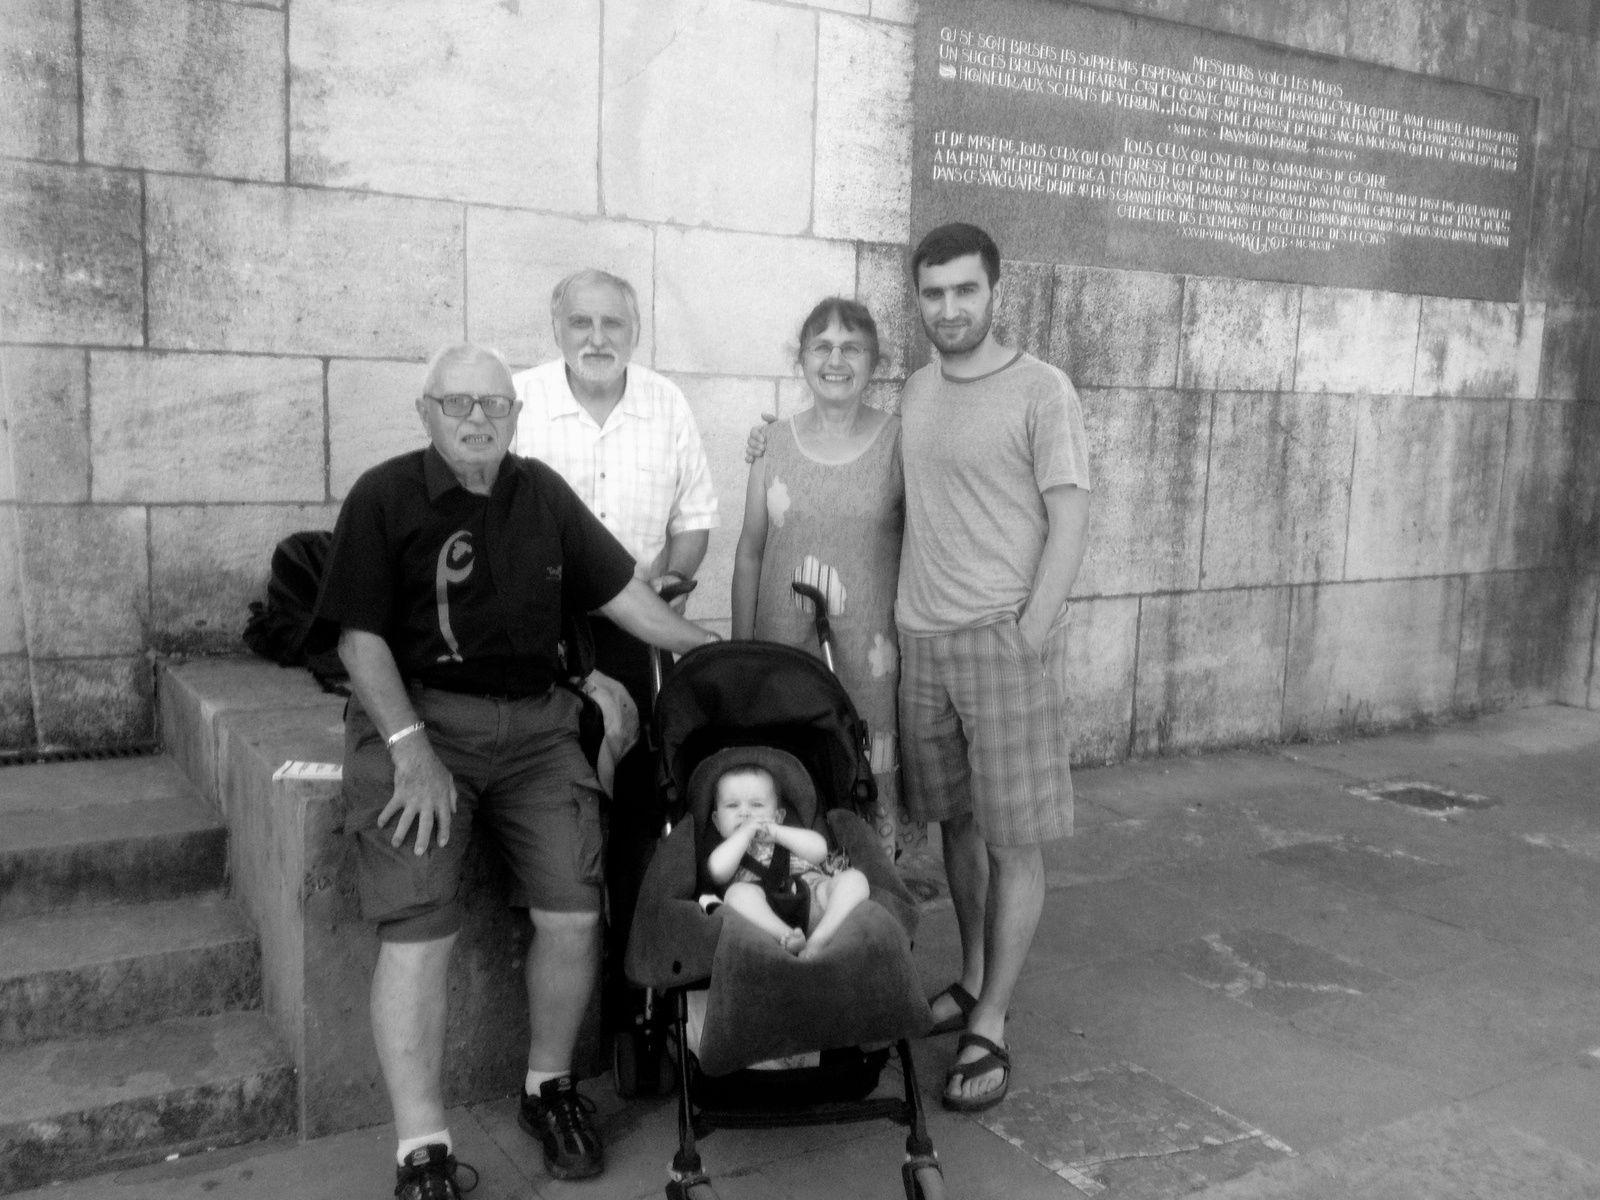 Devant le monument de la victoire à Verdun où on a retrouvé la carte de la médaille de Verdun de l'adjudant ALIBERT Cyprien avec Jean Alibert mon père, Jean Persico mon époux et Simon et Hanna les deux générations suivantes